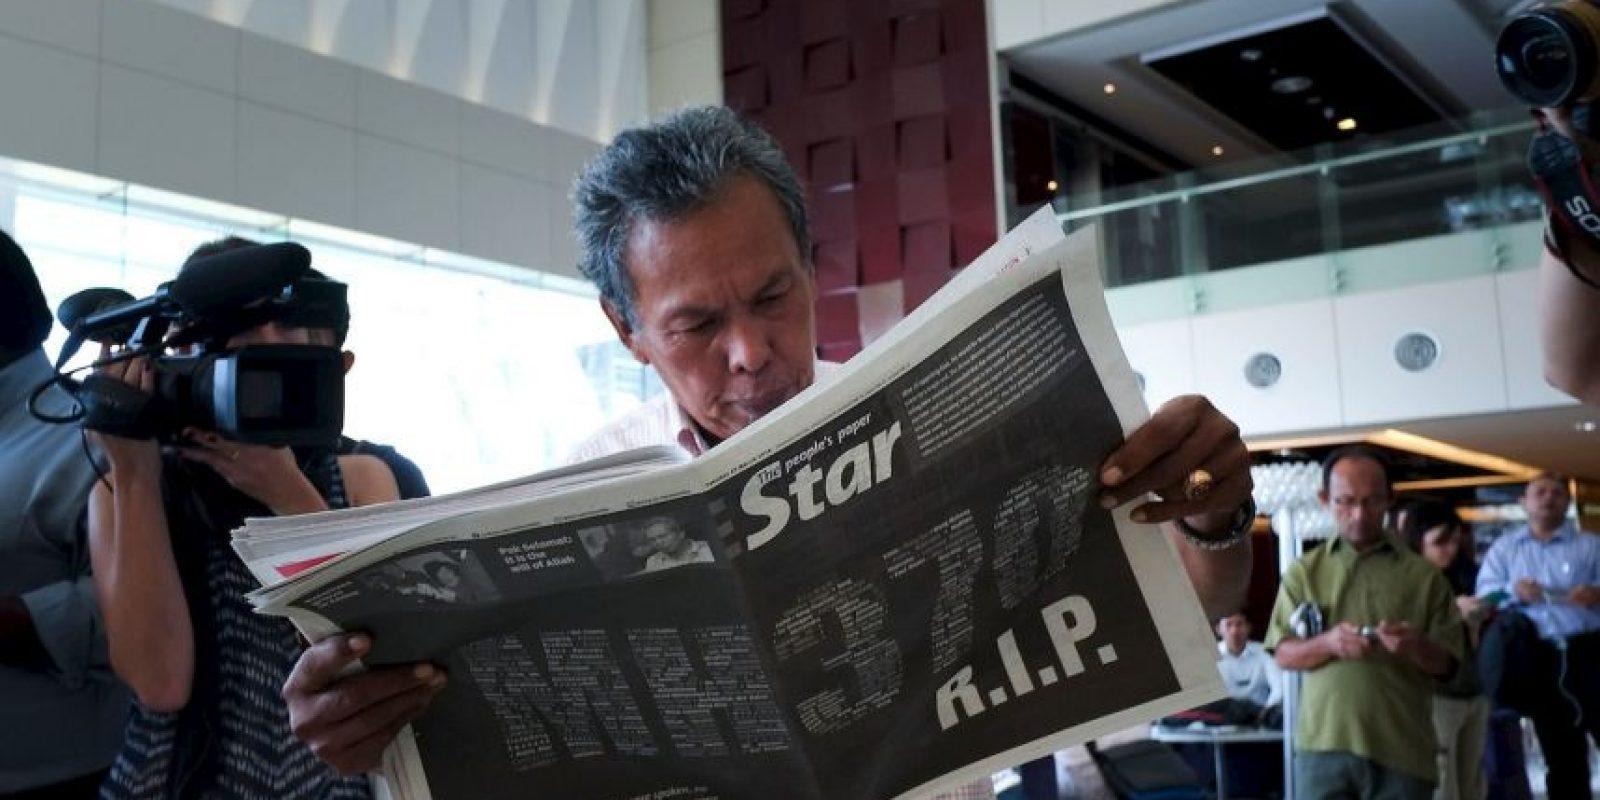 8 de marzo- Desapareció el vuelo MH-370, el cual volaba hacia Kuala Lumpur a Pekín.El avión Boing 777 desapareció de los radares a 50 minutos de haber despegado. 239 personas iban abordo. Foto:Getty